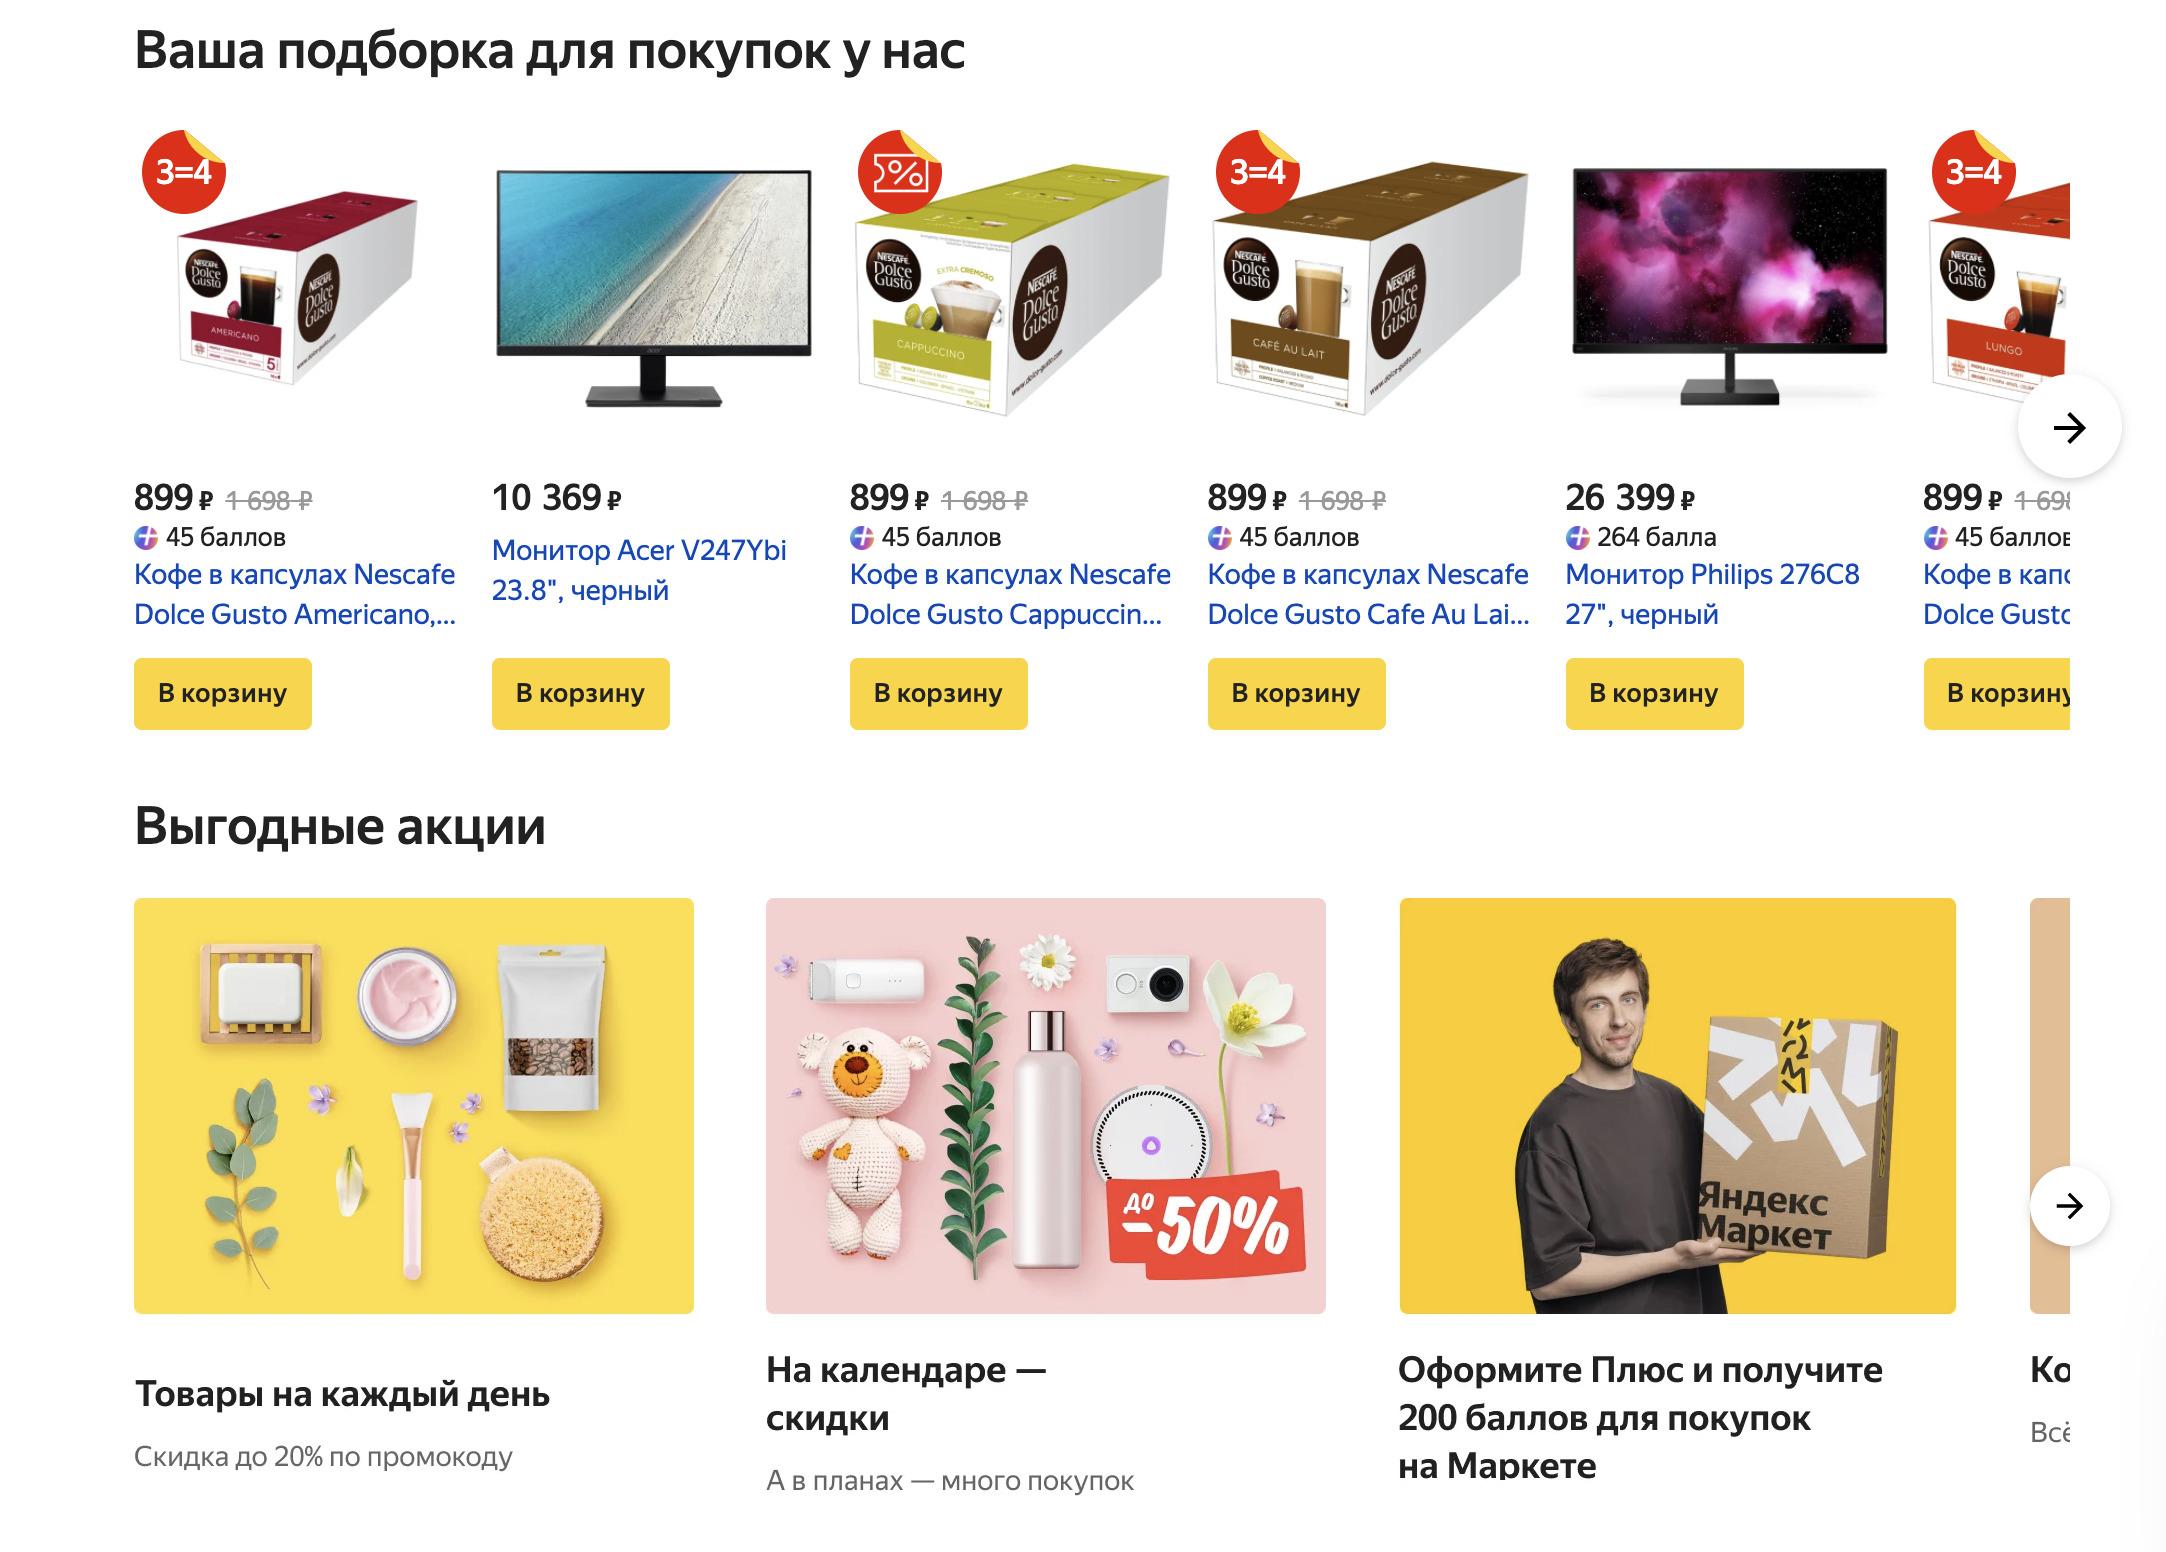 Доставка из Яндекс.Маркет в Химки, сроки, пункты выдачи, каталог